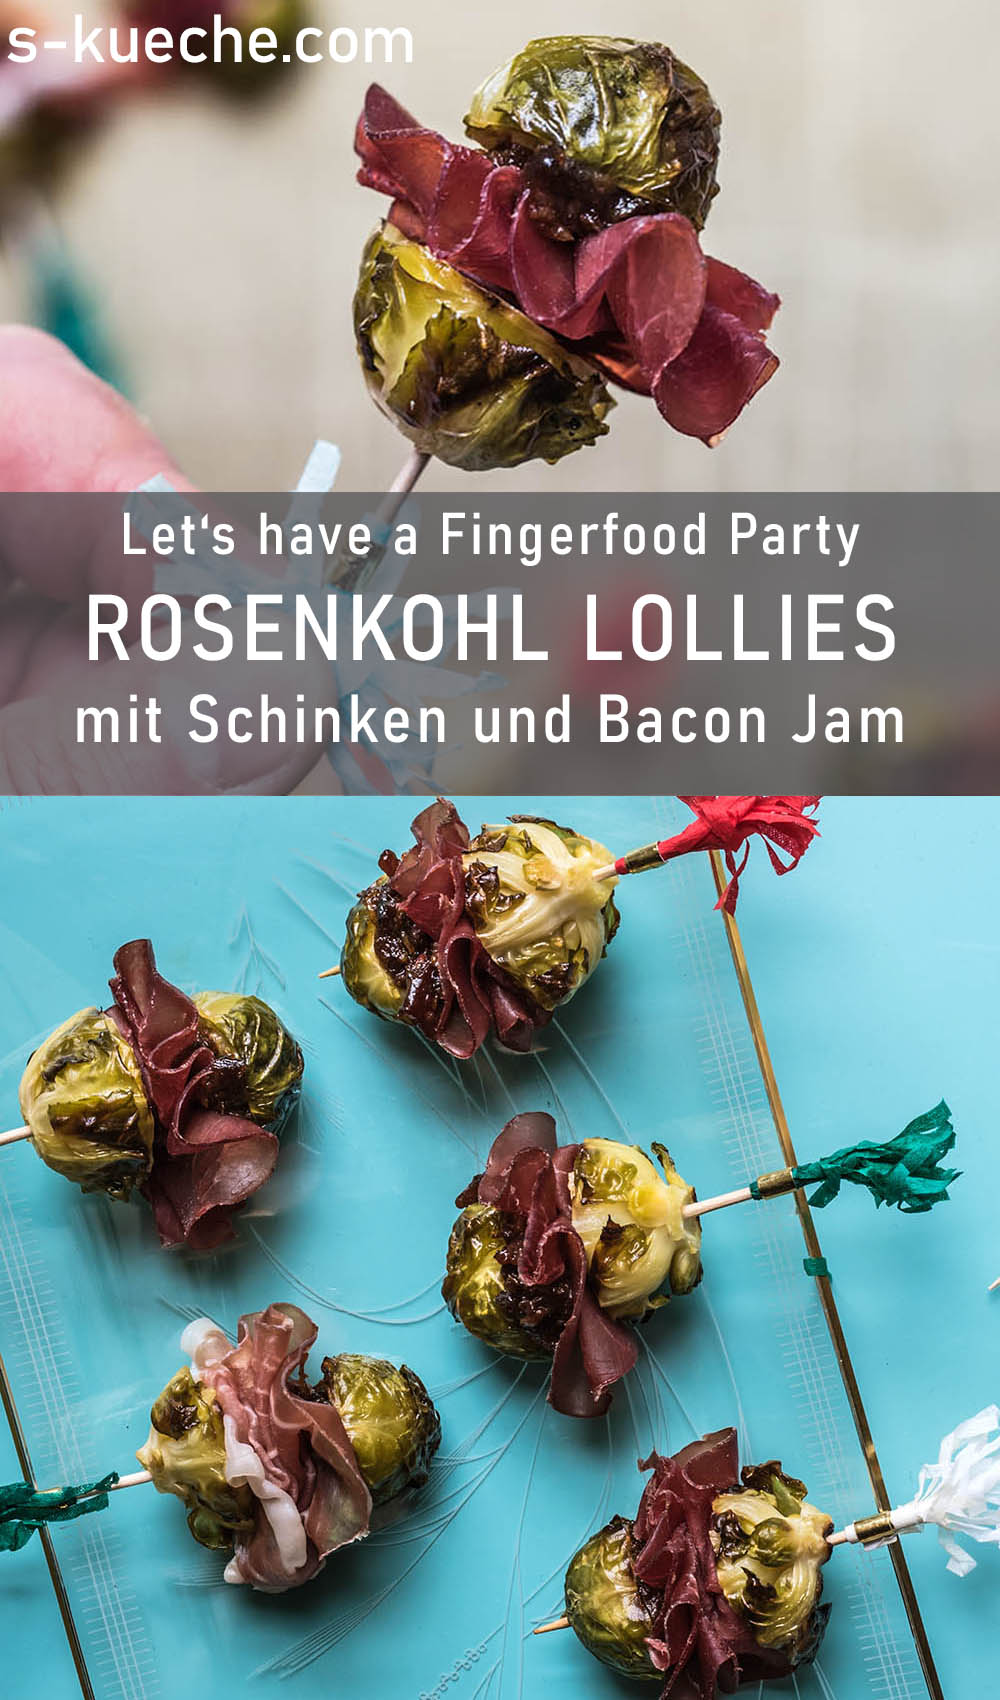 Rosenkohl Lollies mit Bacon Jam - Für ein Knaller-Silvester-Buffet und 364 Festtage des Jahres, Rezept für festliches Fingerfood, Appetizers